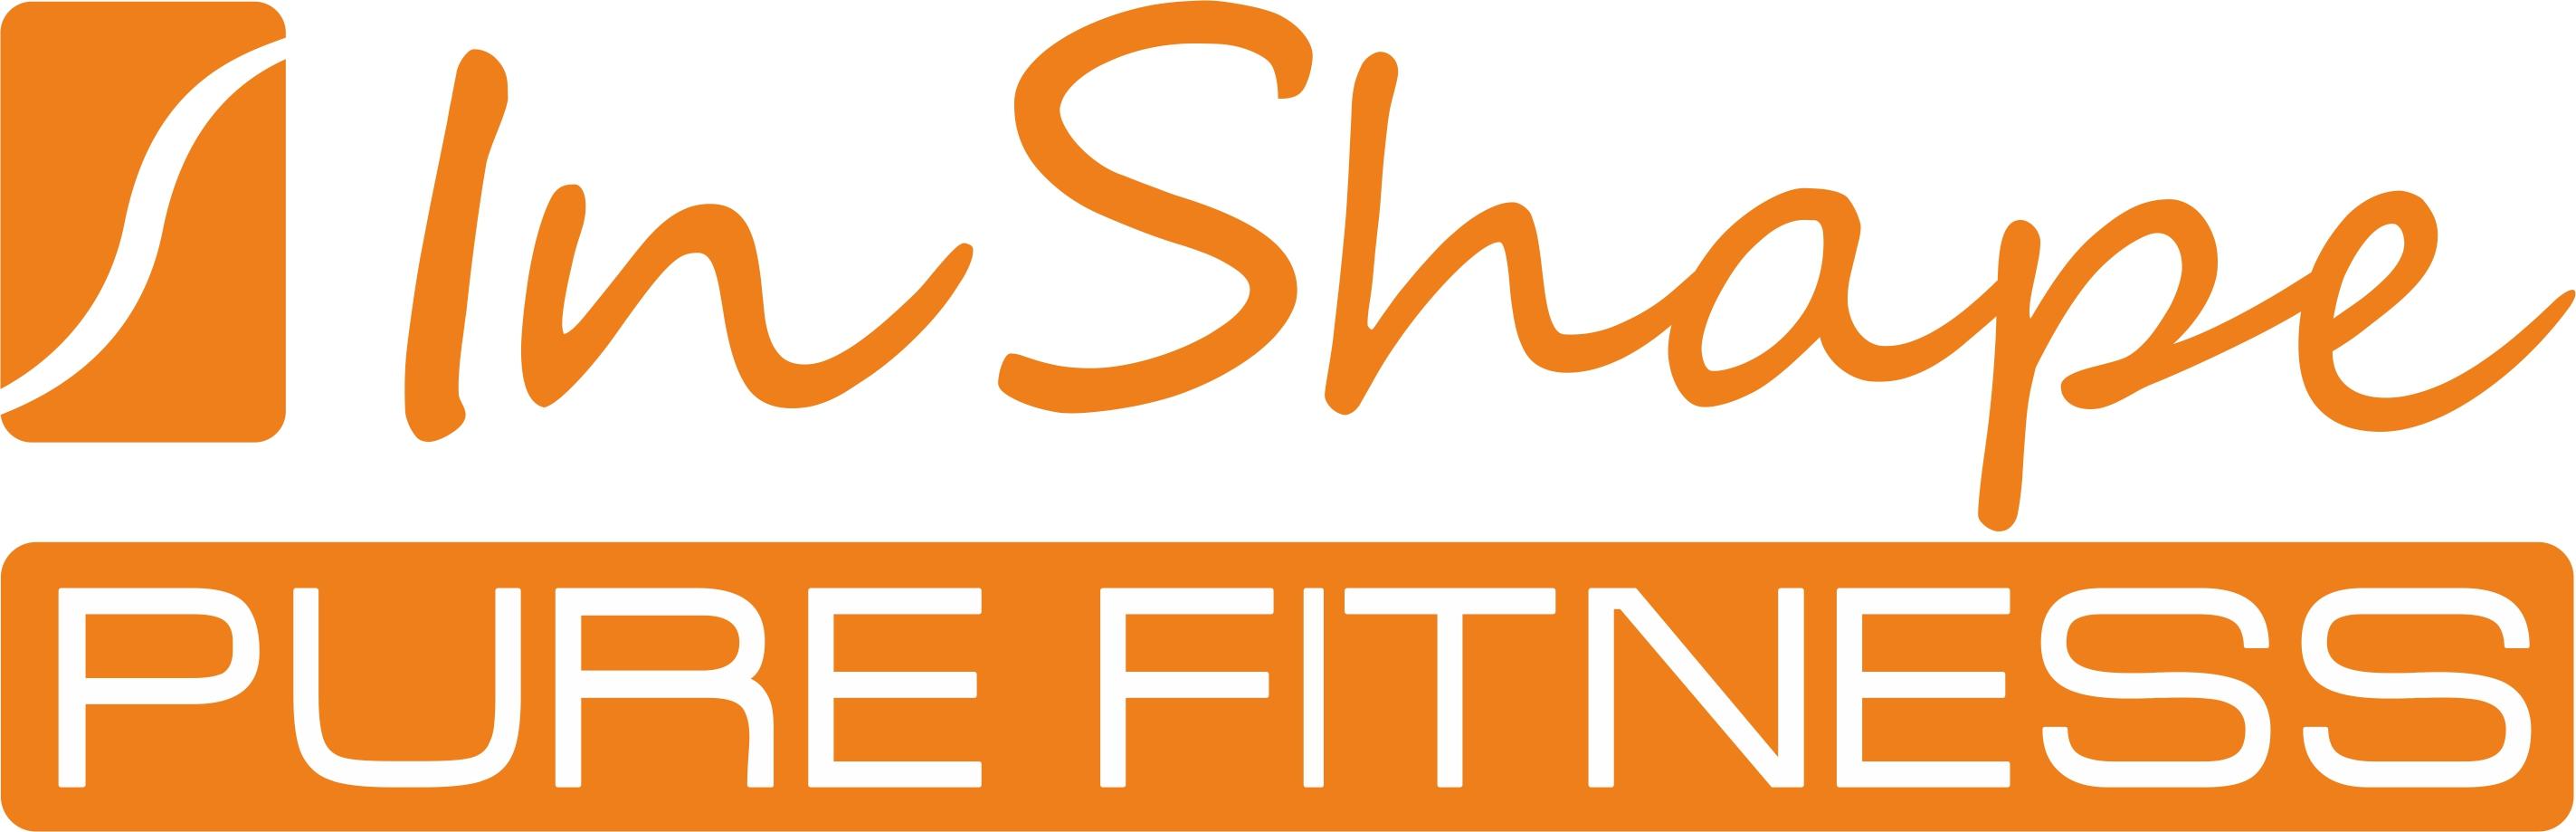 corpus fitness weightplayers e v fitnesszentren ditzingen deutschland. Black Bedroom Furniture Sets. Home Design Ideas